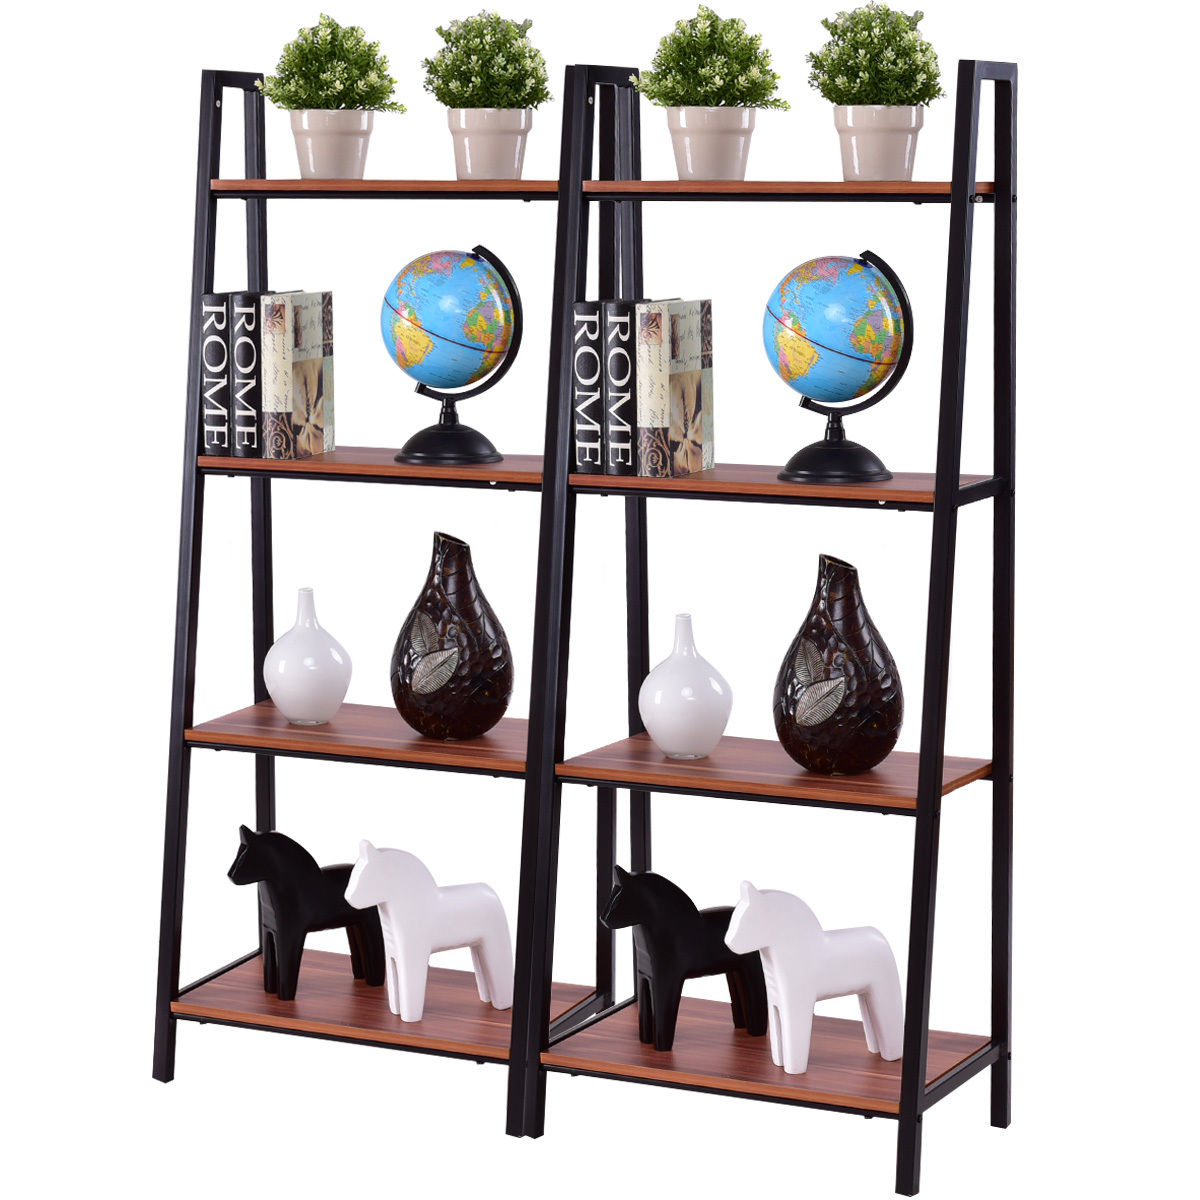 2 pcs 4-Tier Modern Ladder Bookshelf